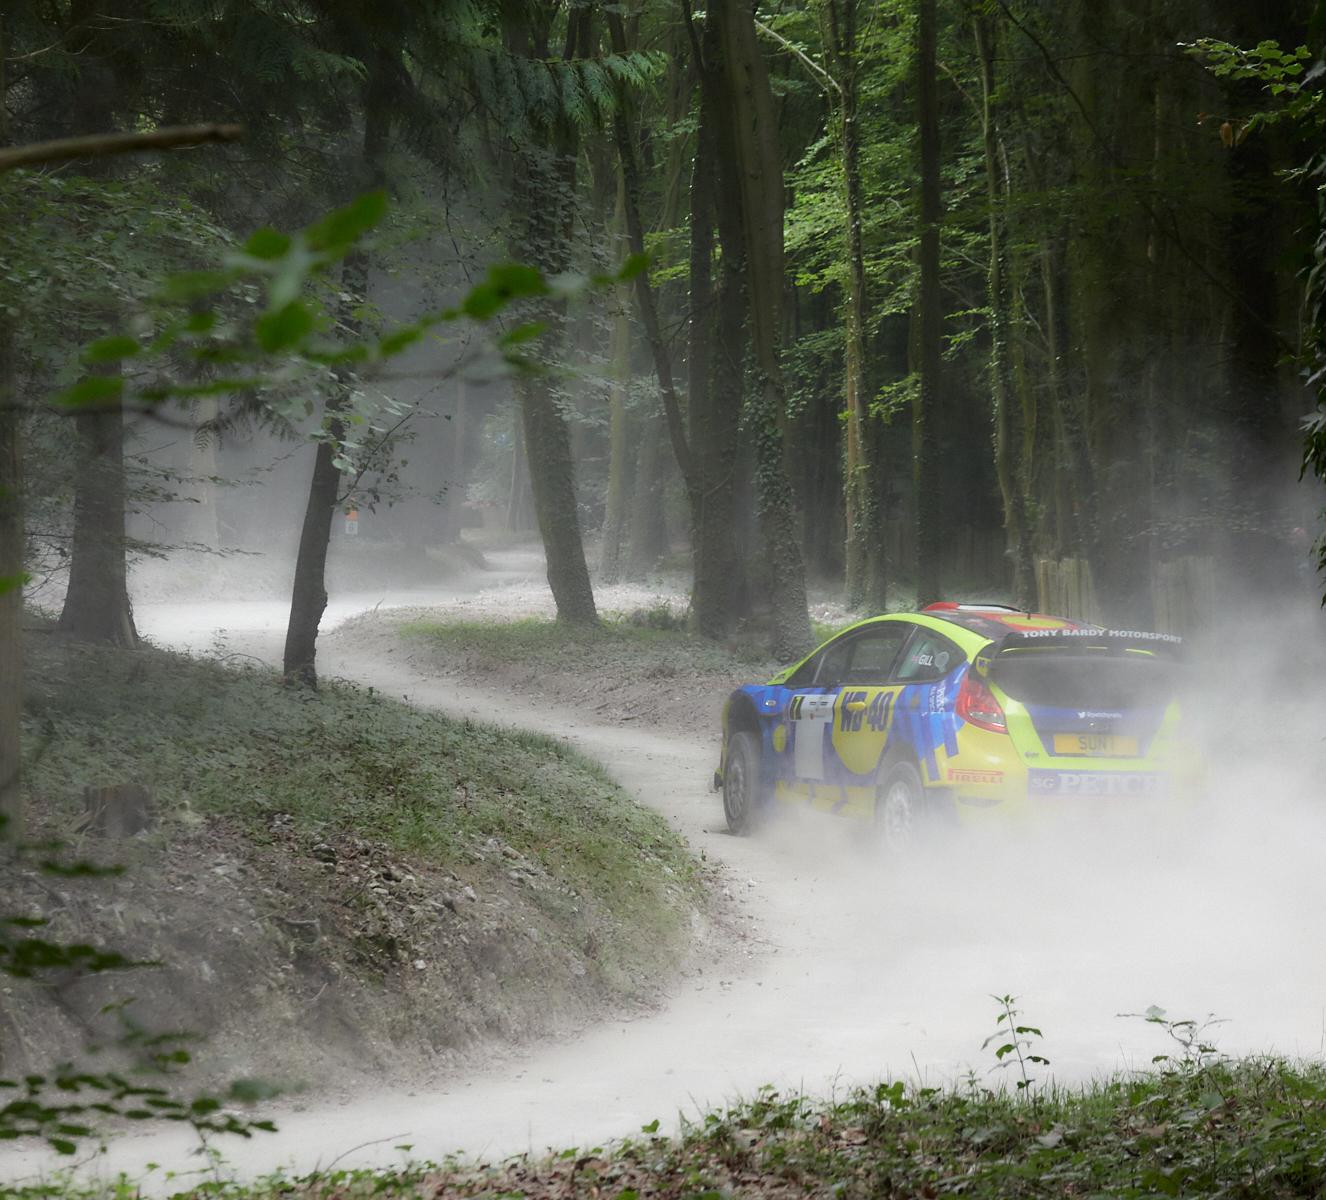 Following the dusty grey road 1600x1200 sRGB.jpg